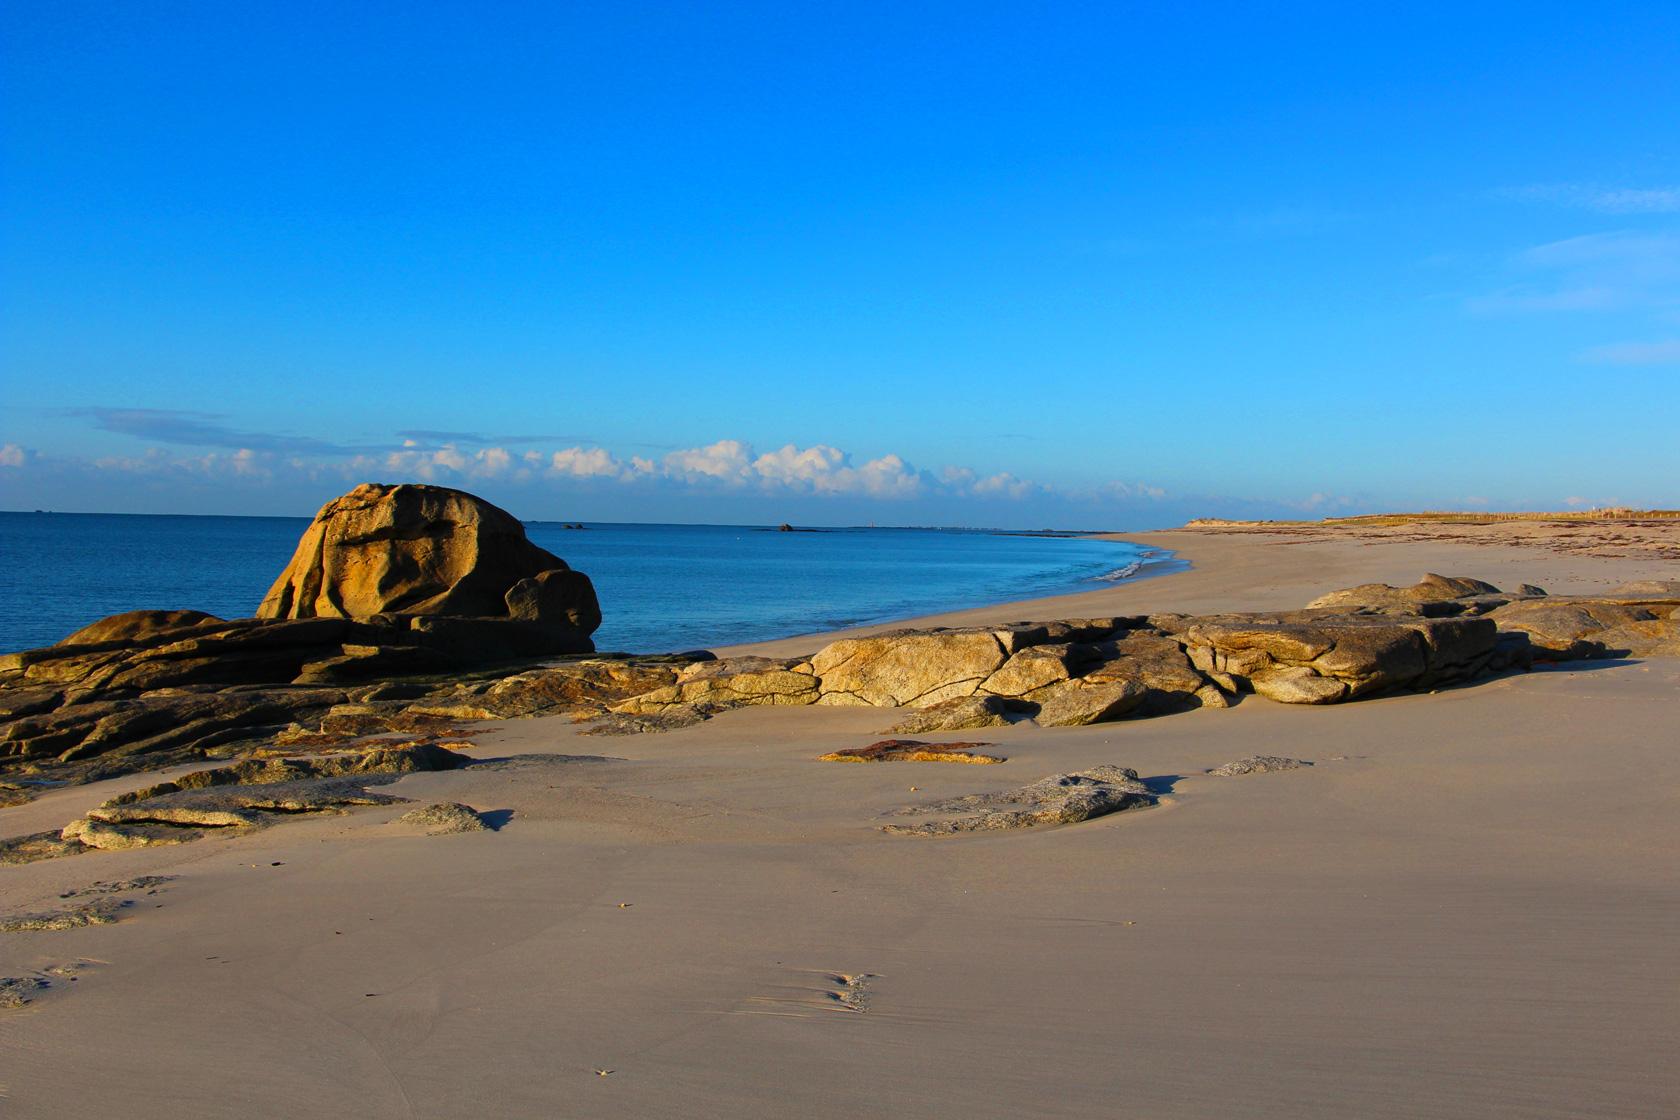 La plage de Kersaux